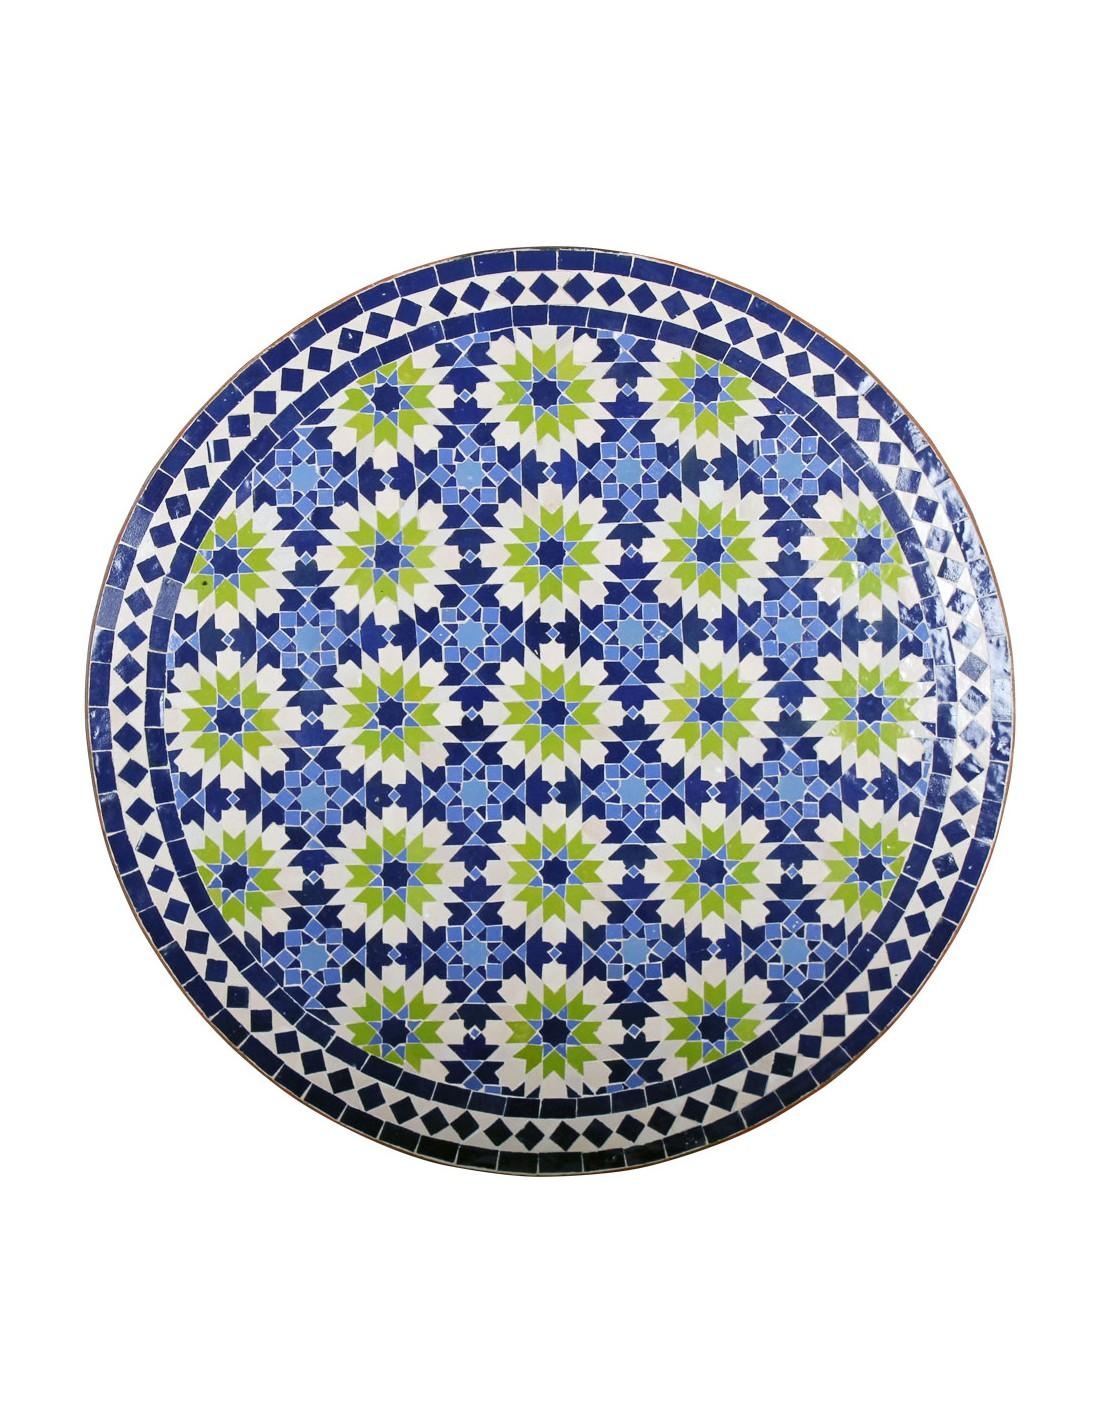 Mosaiktisch iras 80cm rund der marke albena marokko galerie for Marokkanischer mosaiktisch